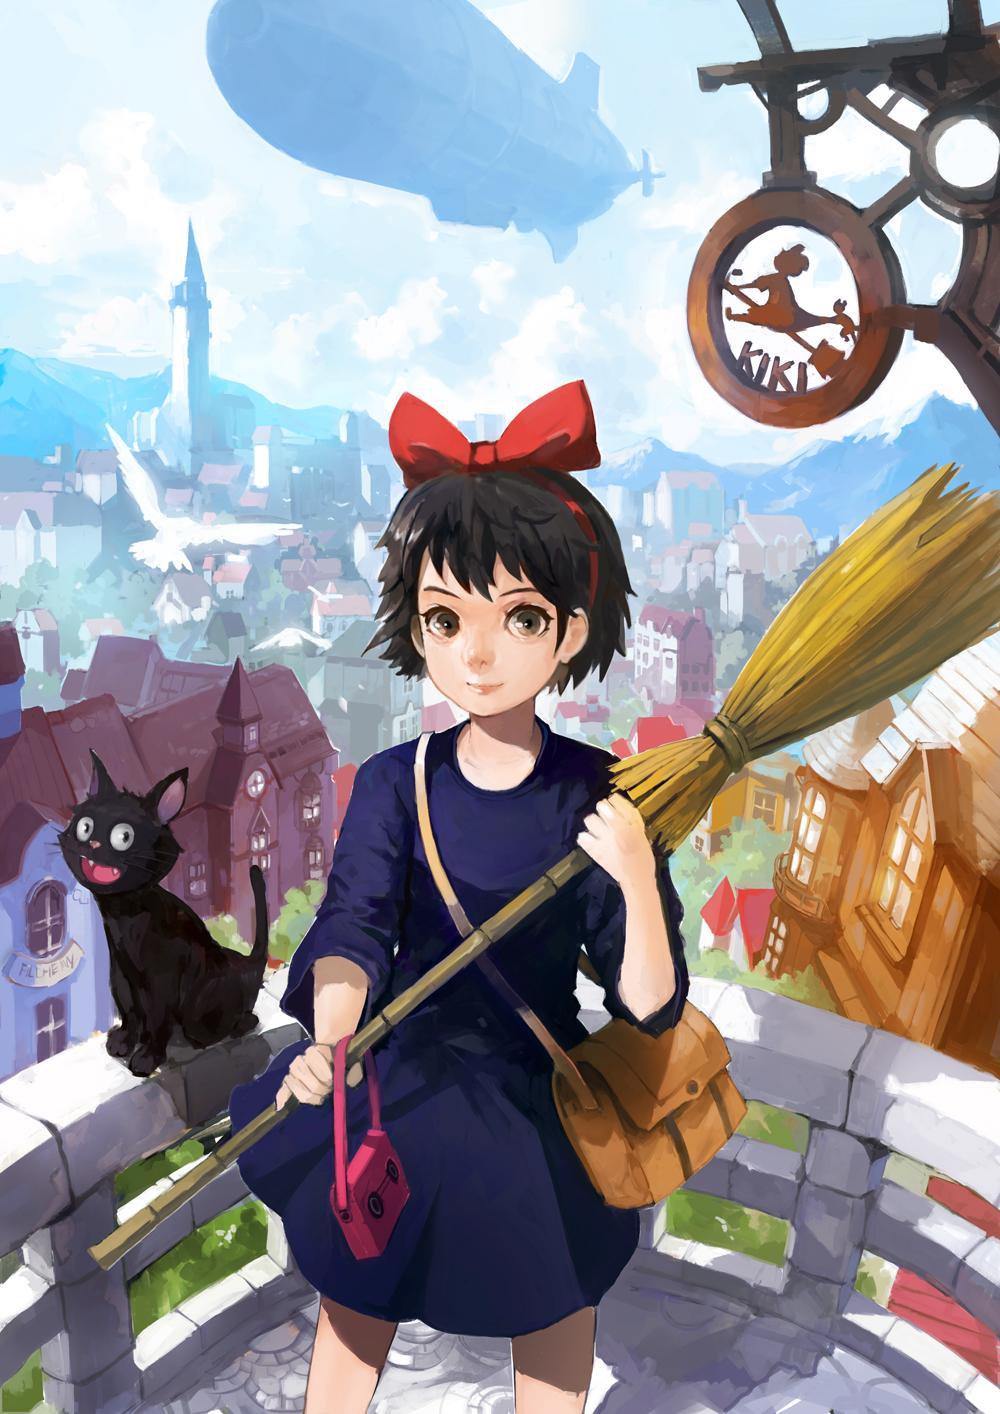 Majo No Takkyuubin Kiki S Delivery Service Mobile Wallpaper